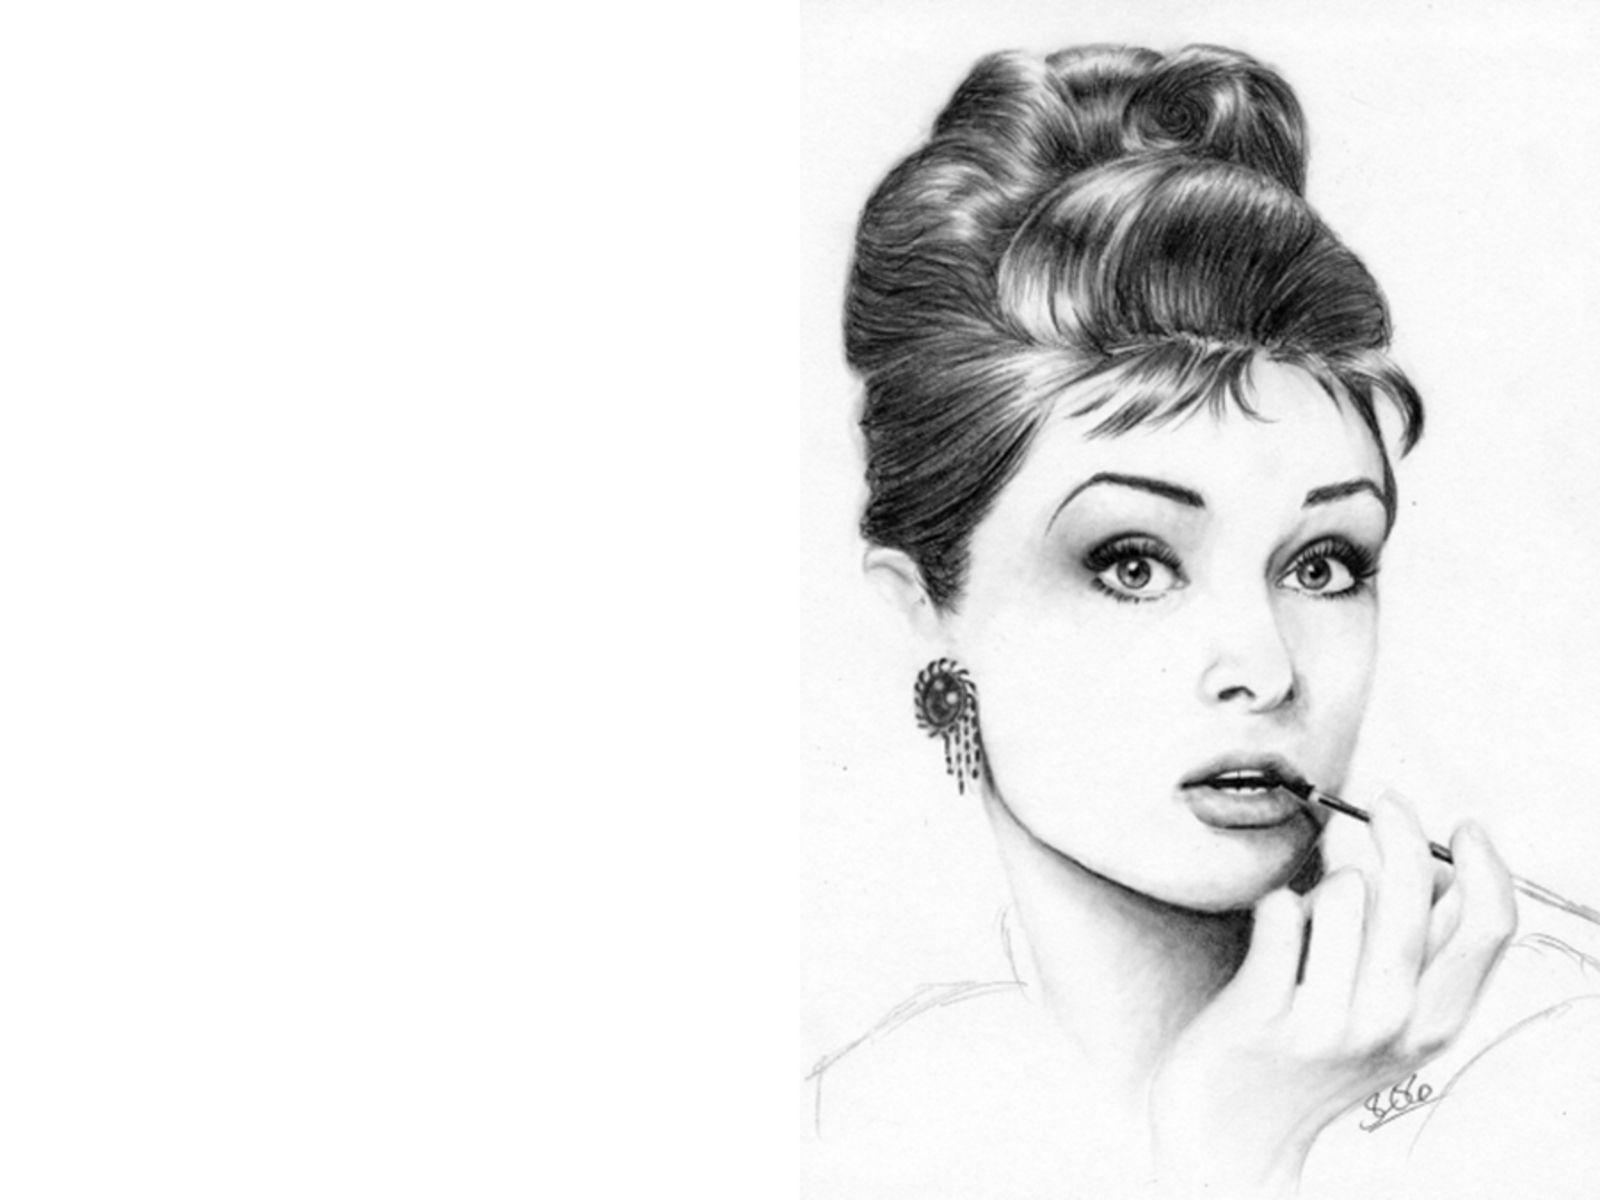 Cute Audrey Hepburn Images Wallpapers Perpetua Mctrustram